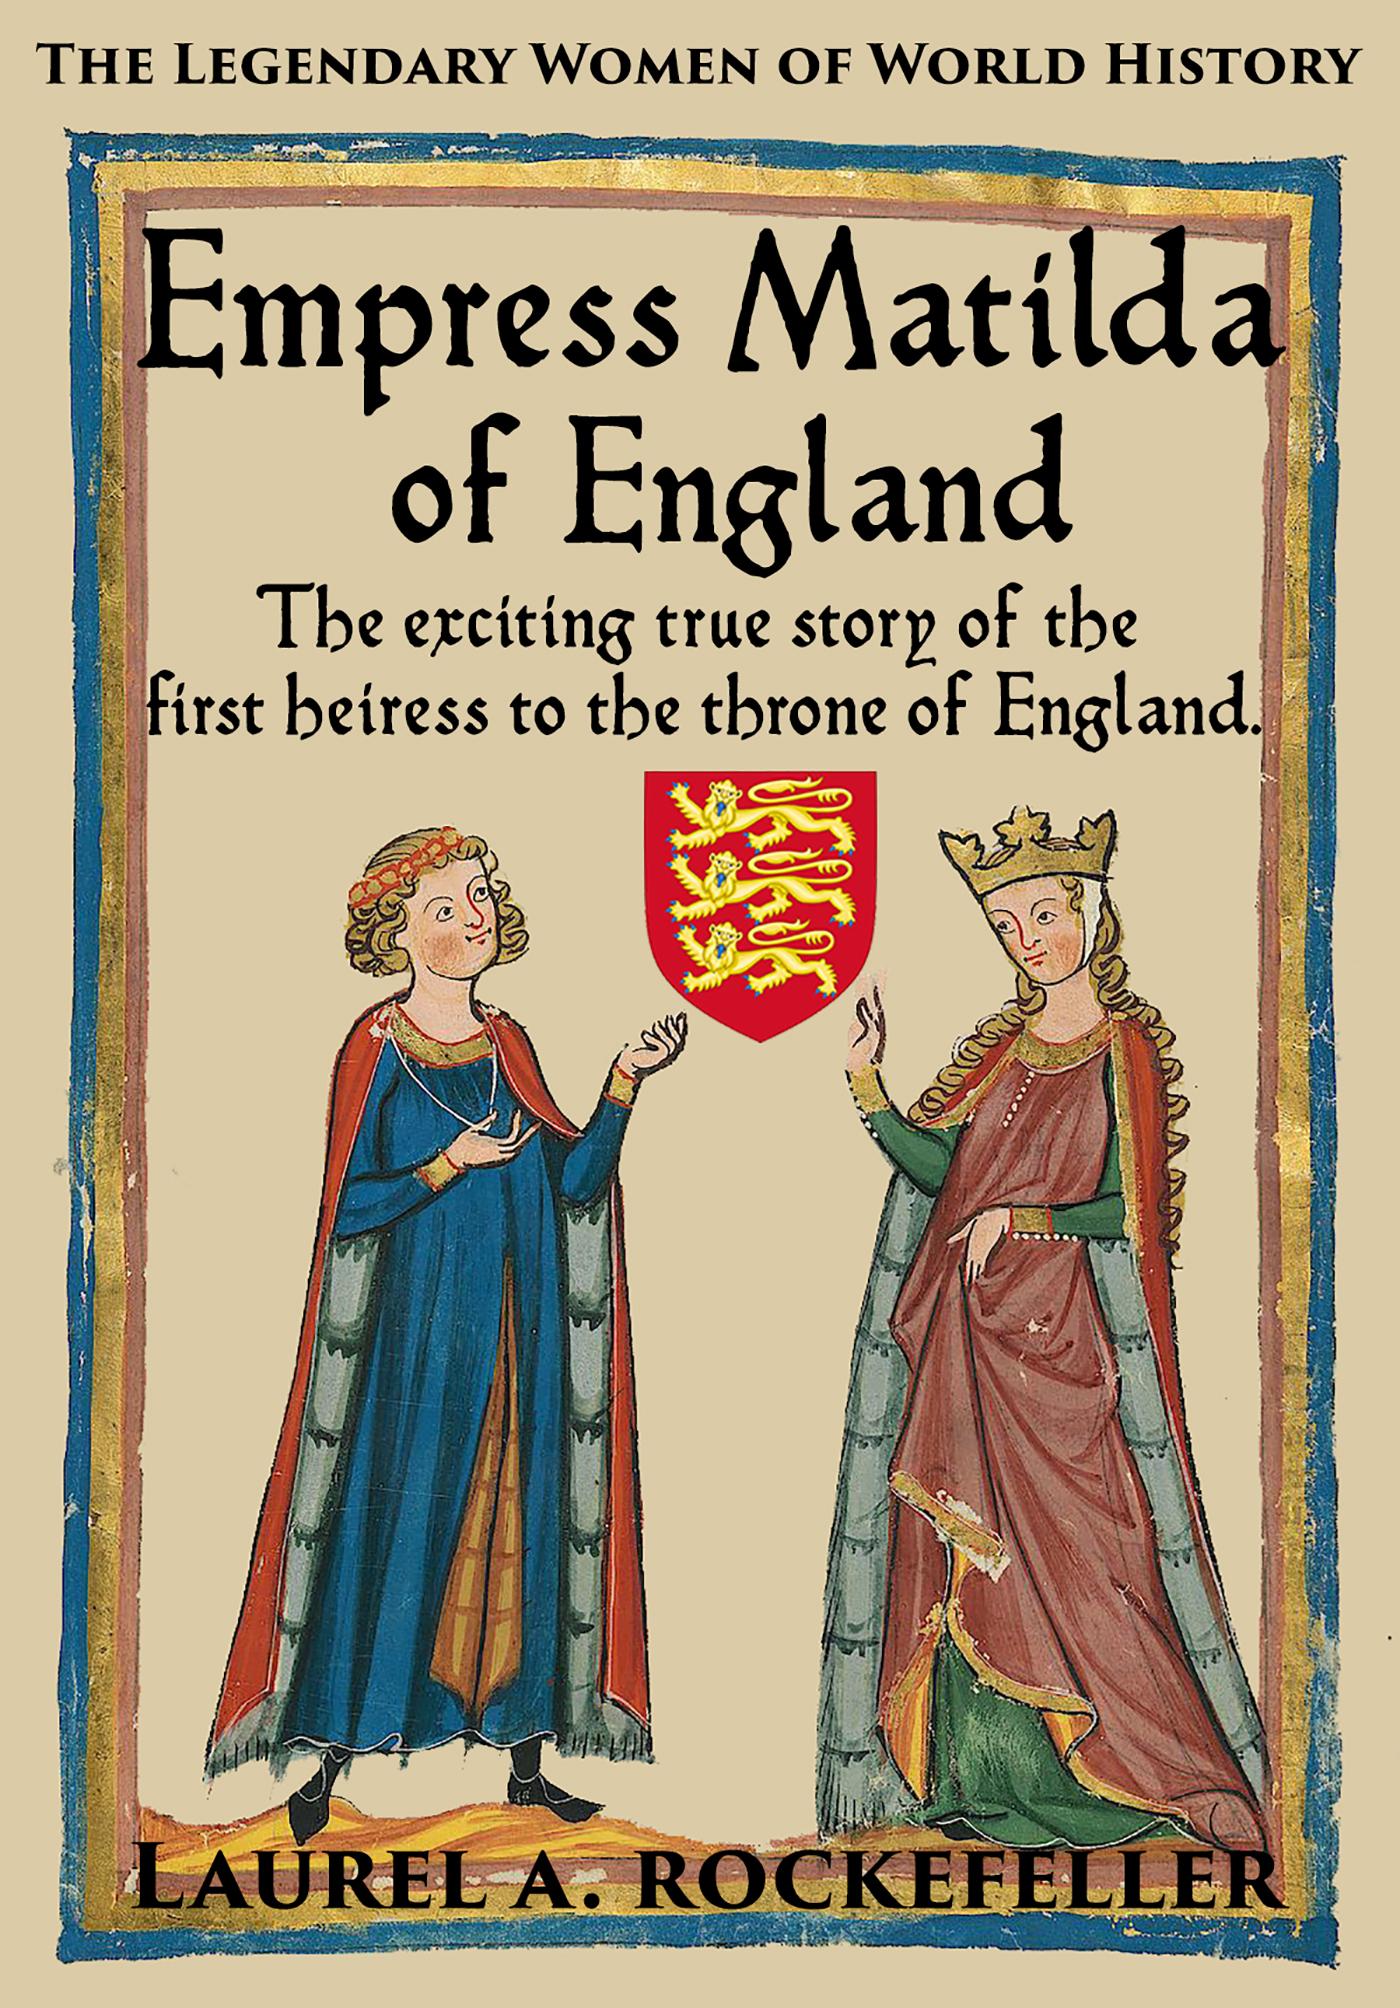 Empress matilda of england